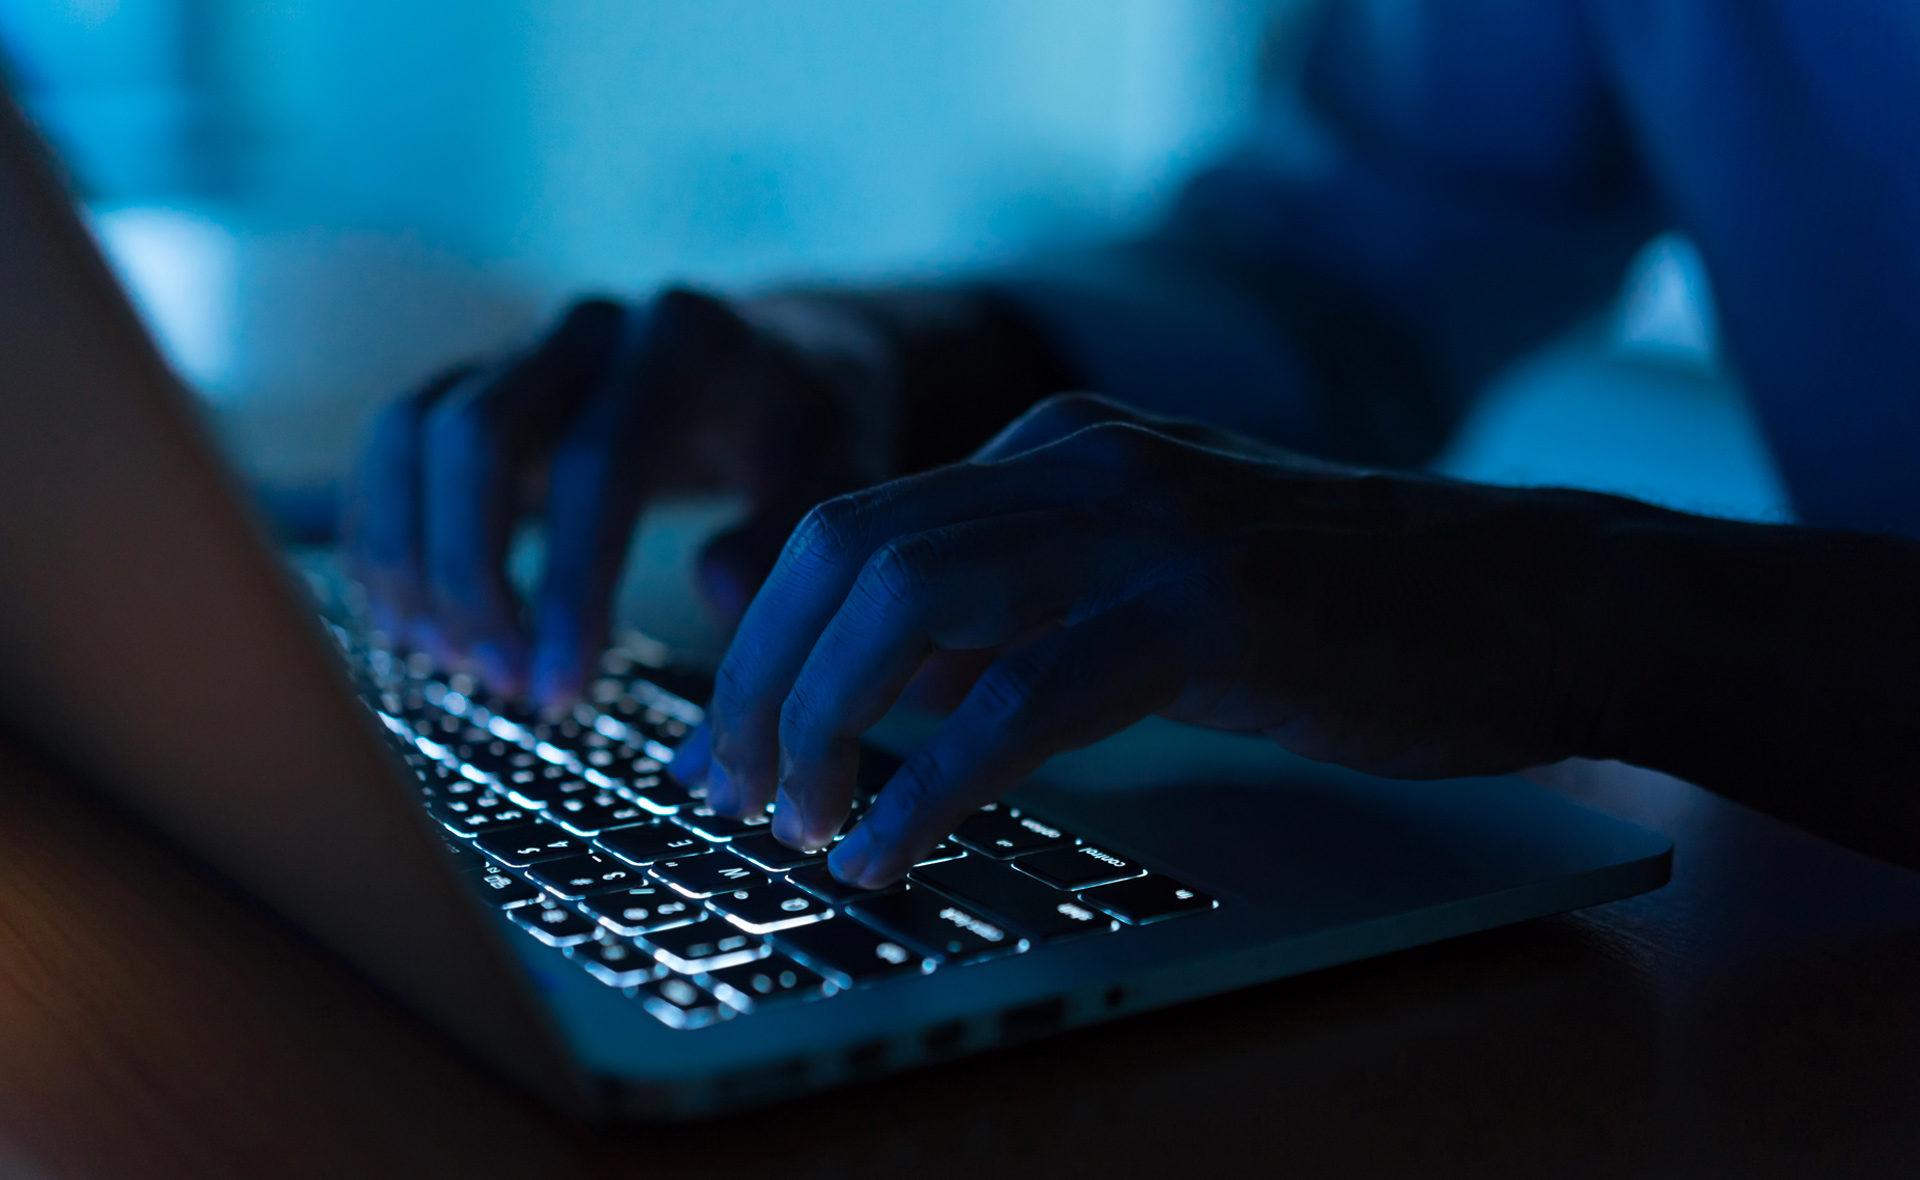 vishing-fraude-digital-ciberdelincuencia-robo cuentas-plagio identidad-bbva